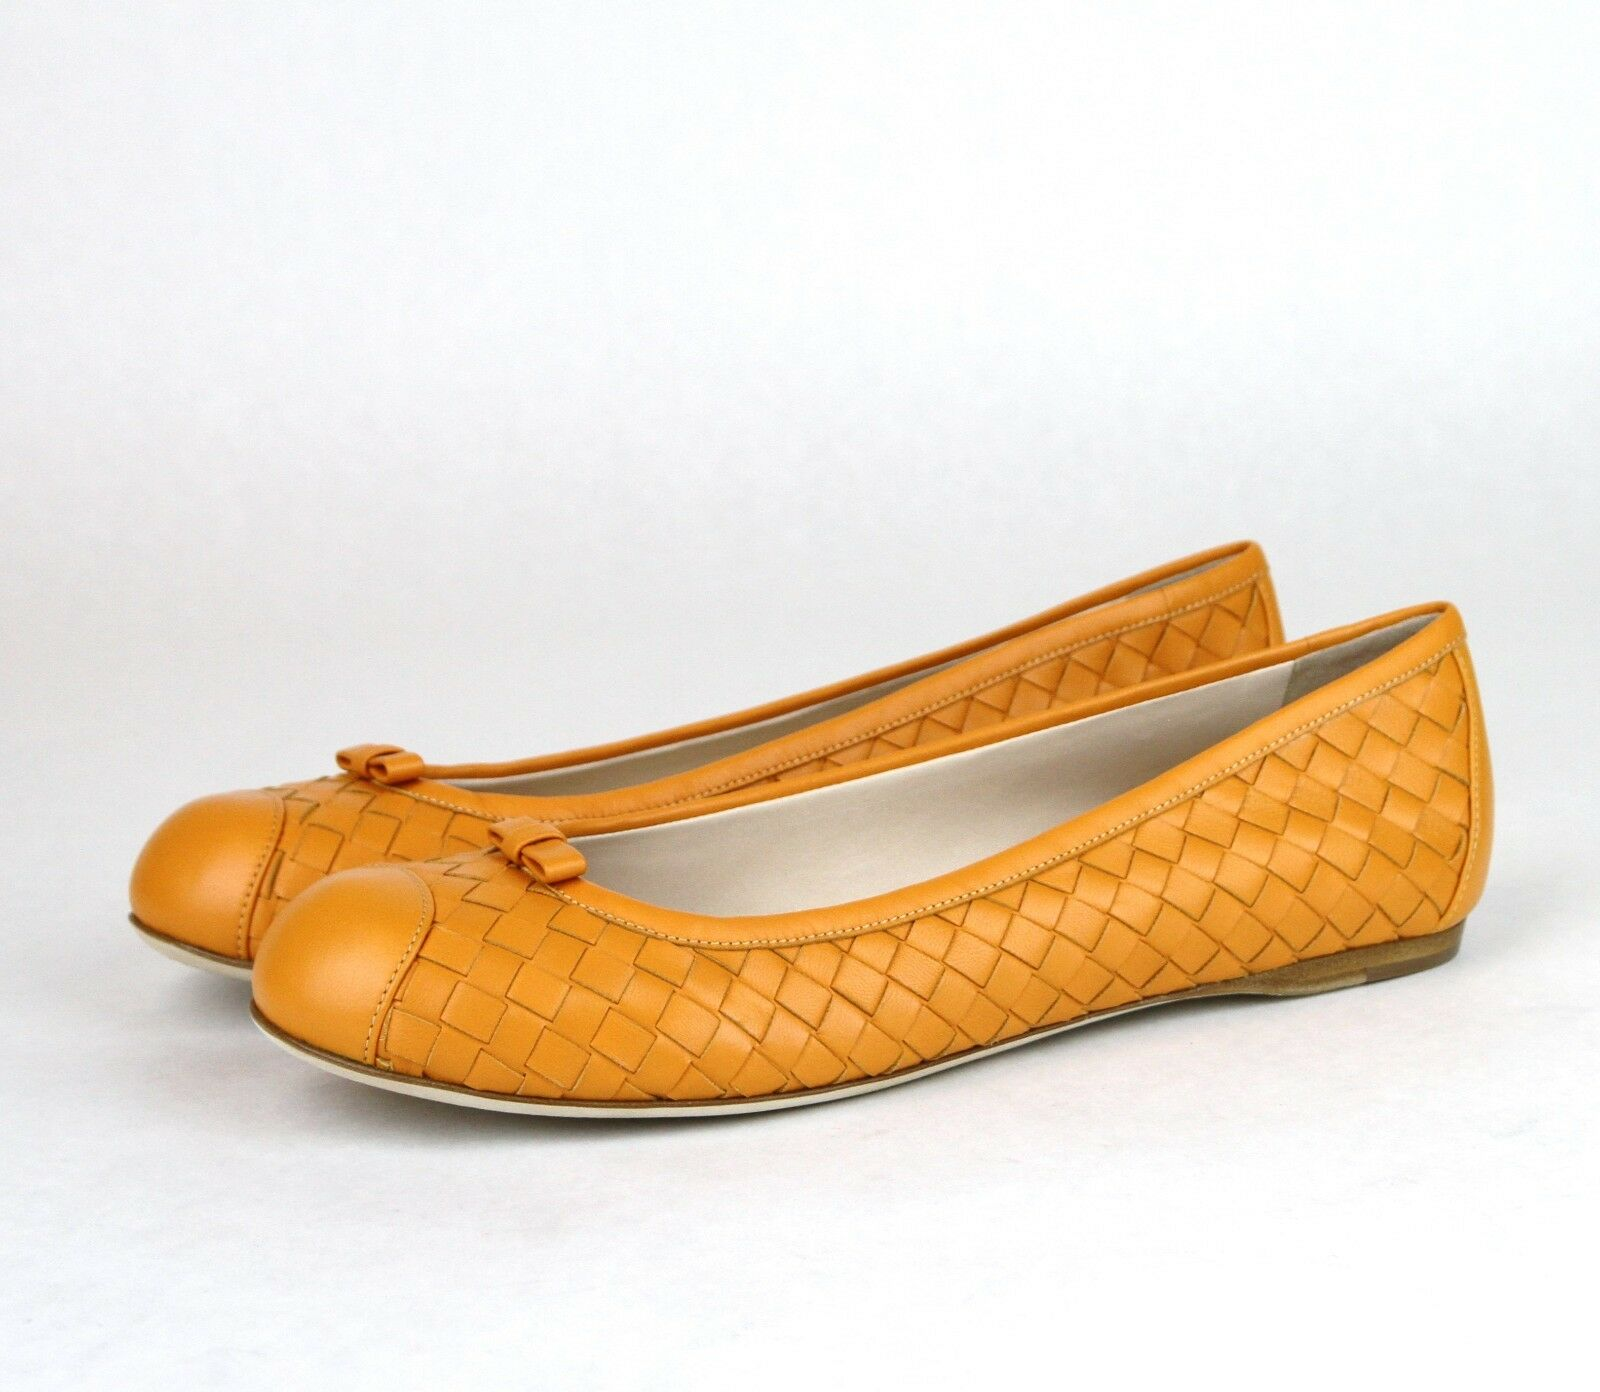 7883L mocassini donna scarpe TOD'S gomma xl profilo scarpe donna shoes loafers Donna 5902b4